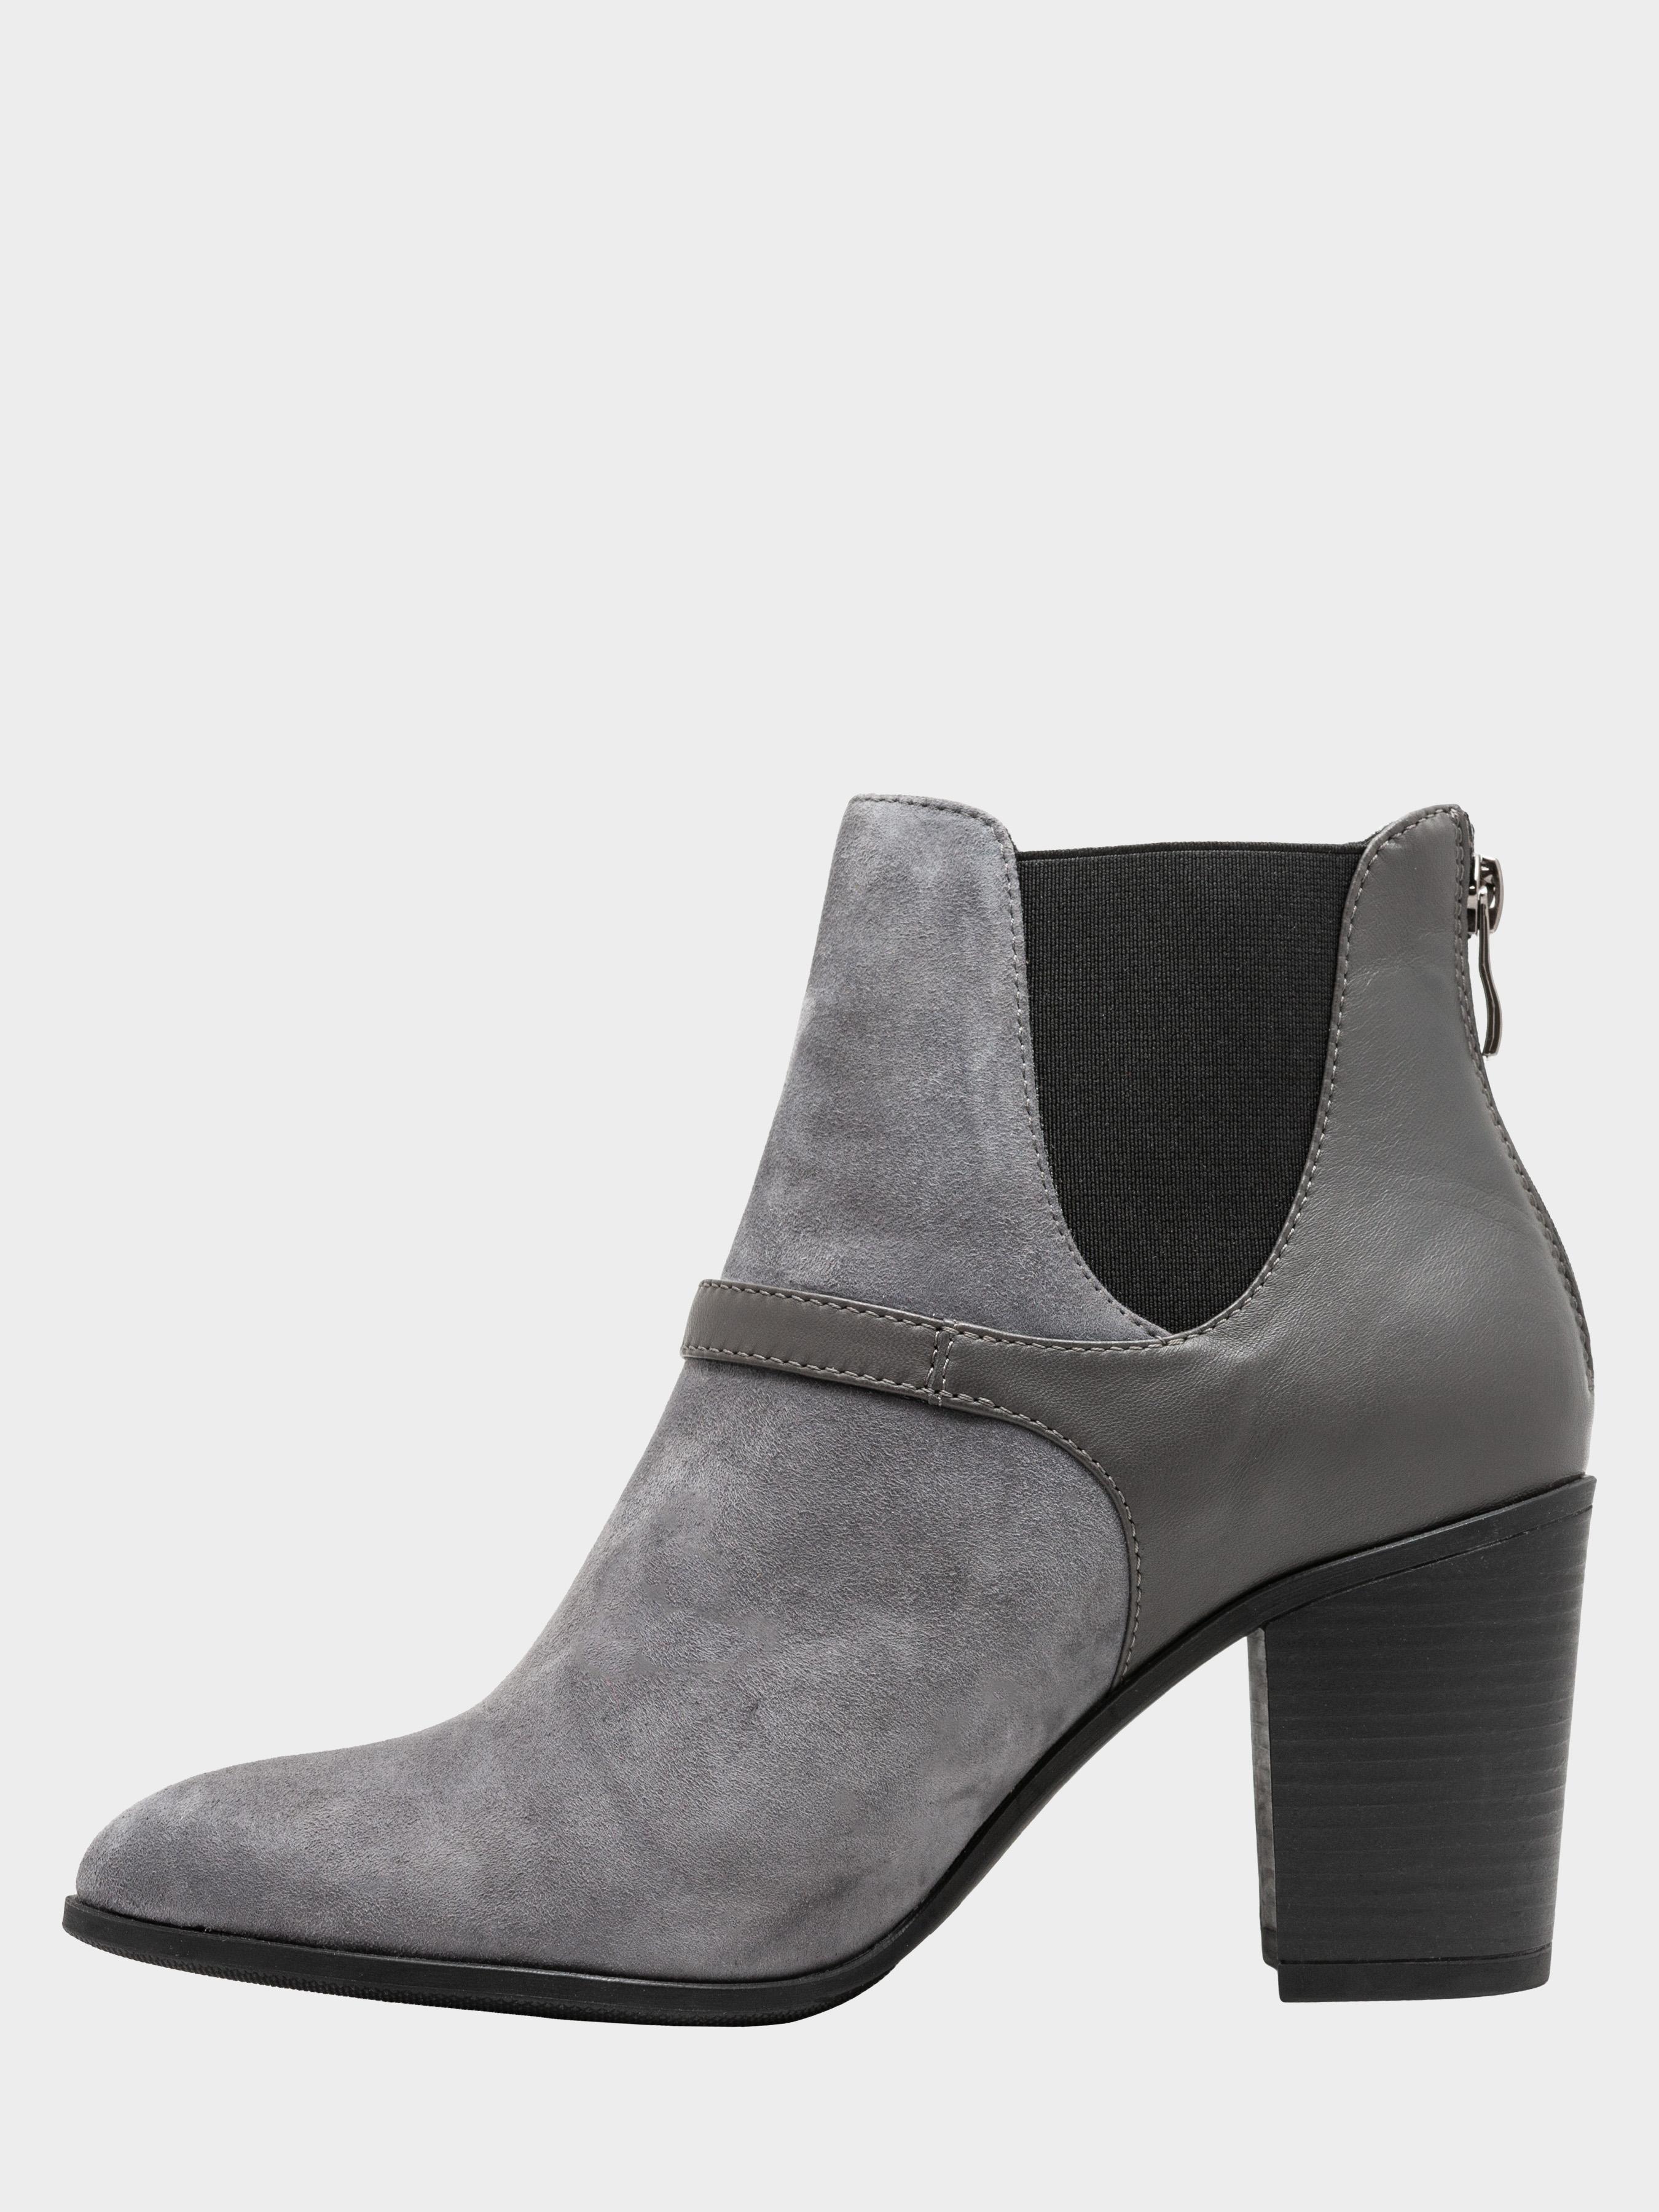 Ботинки для женщин Ботинки женские ENZO VERRATTI 18-9695-2gr брендовая обувь, 2017